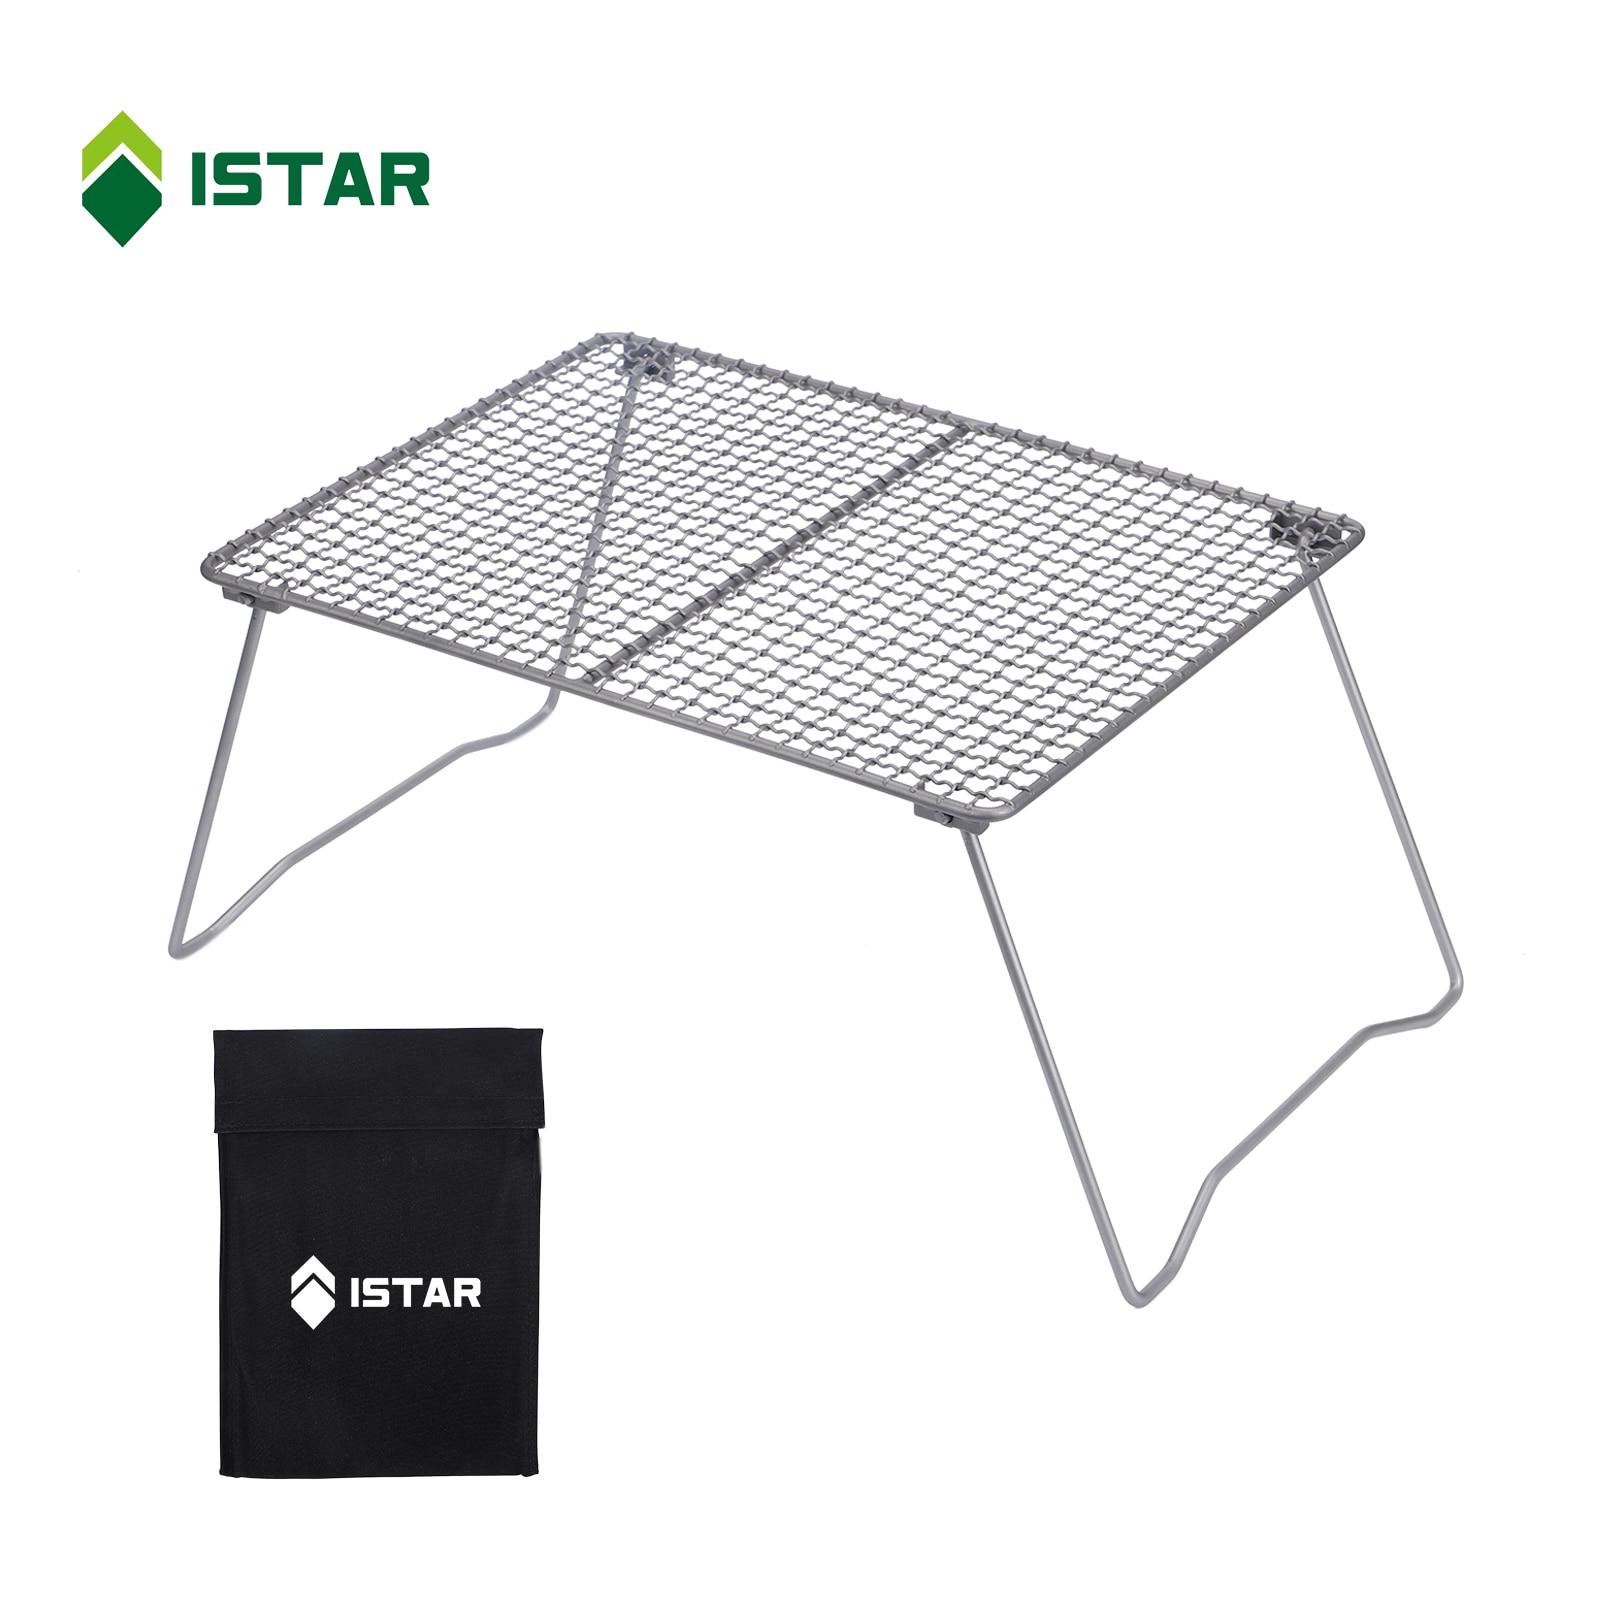 ISTAR-Parrilla de barbacoa plegable de titanio, ultraligera, portátil, para acampar al aire libre, senderismo y viaje por carretera